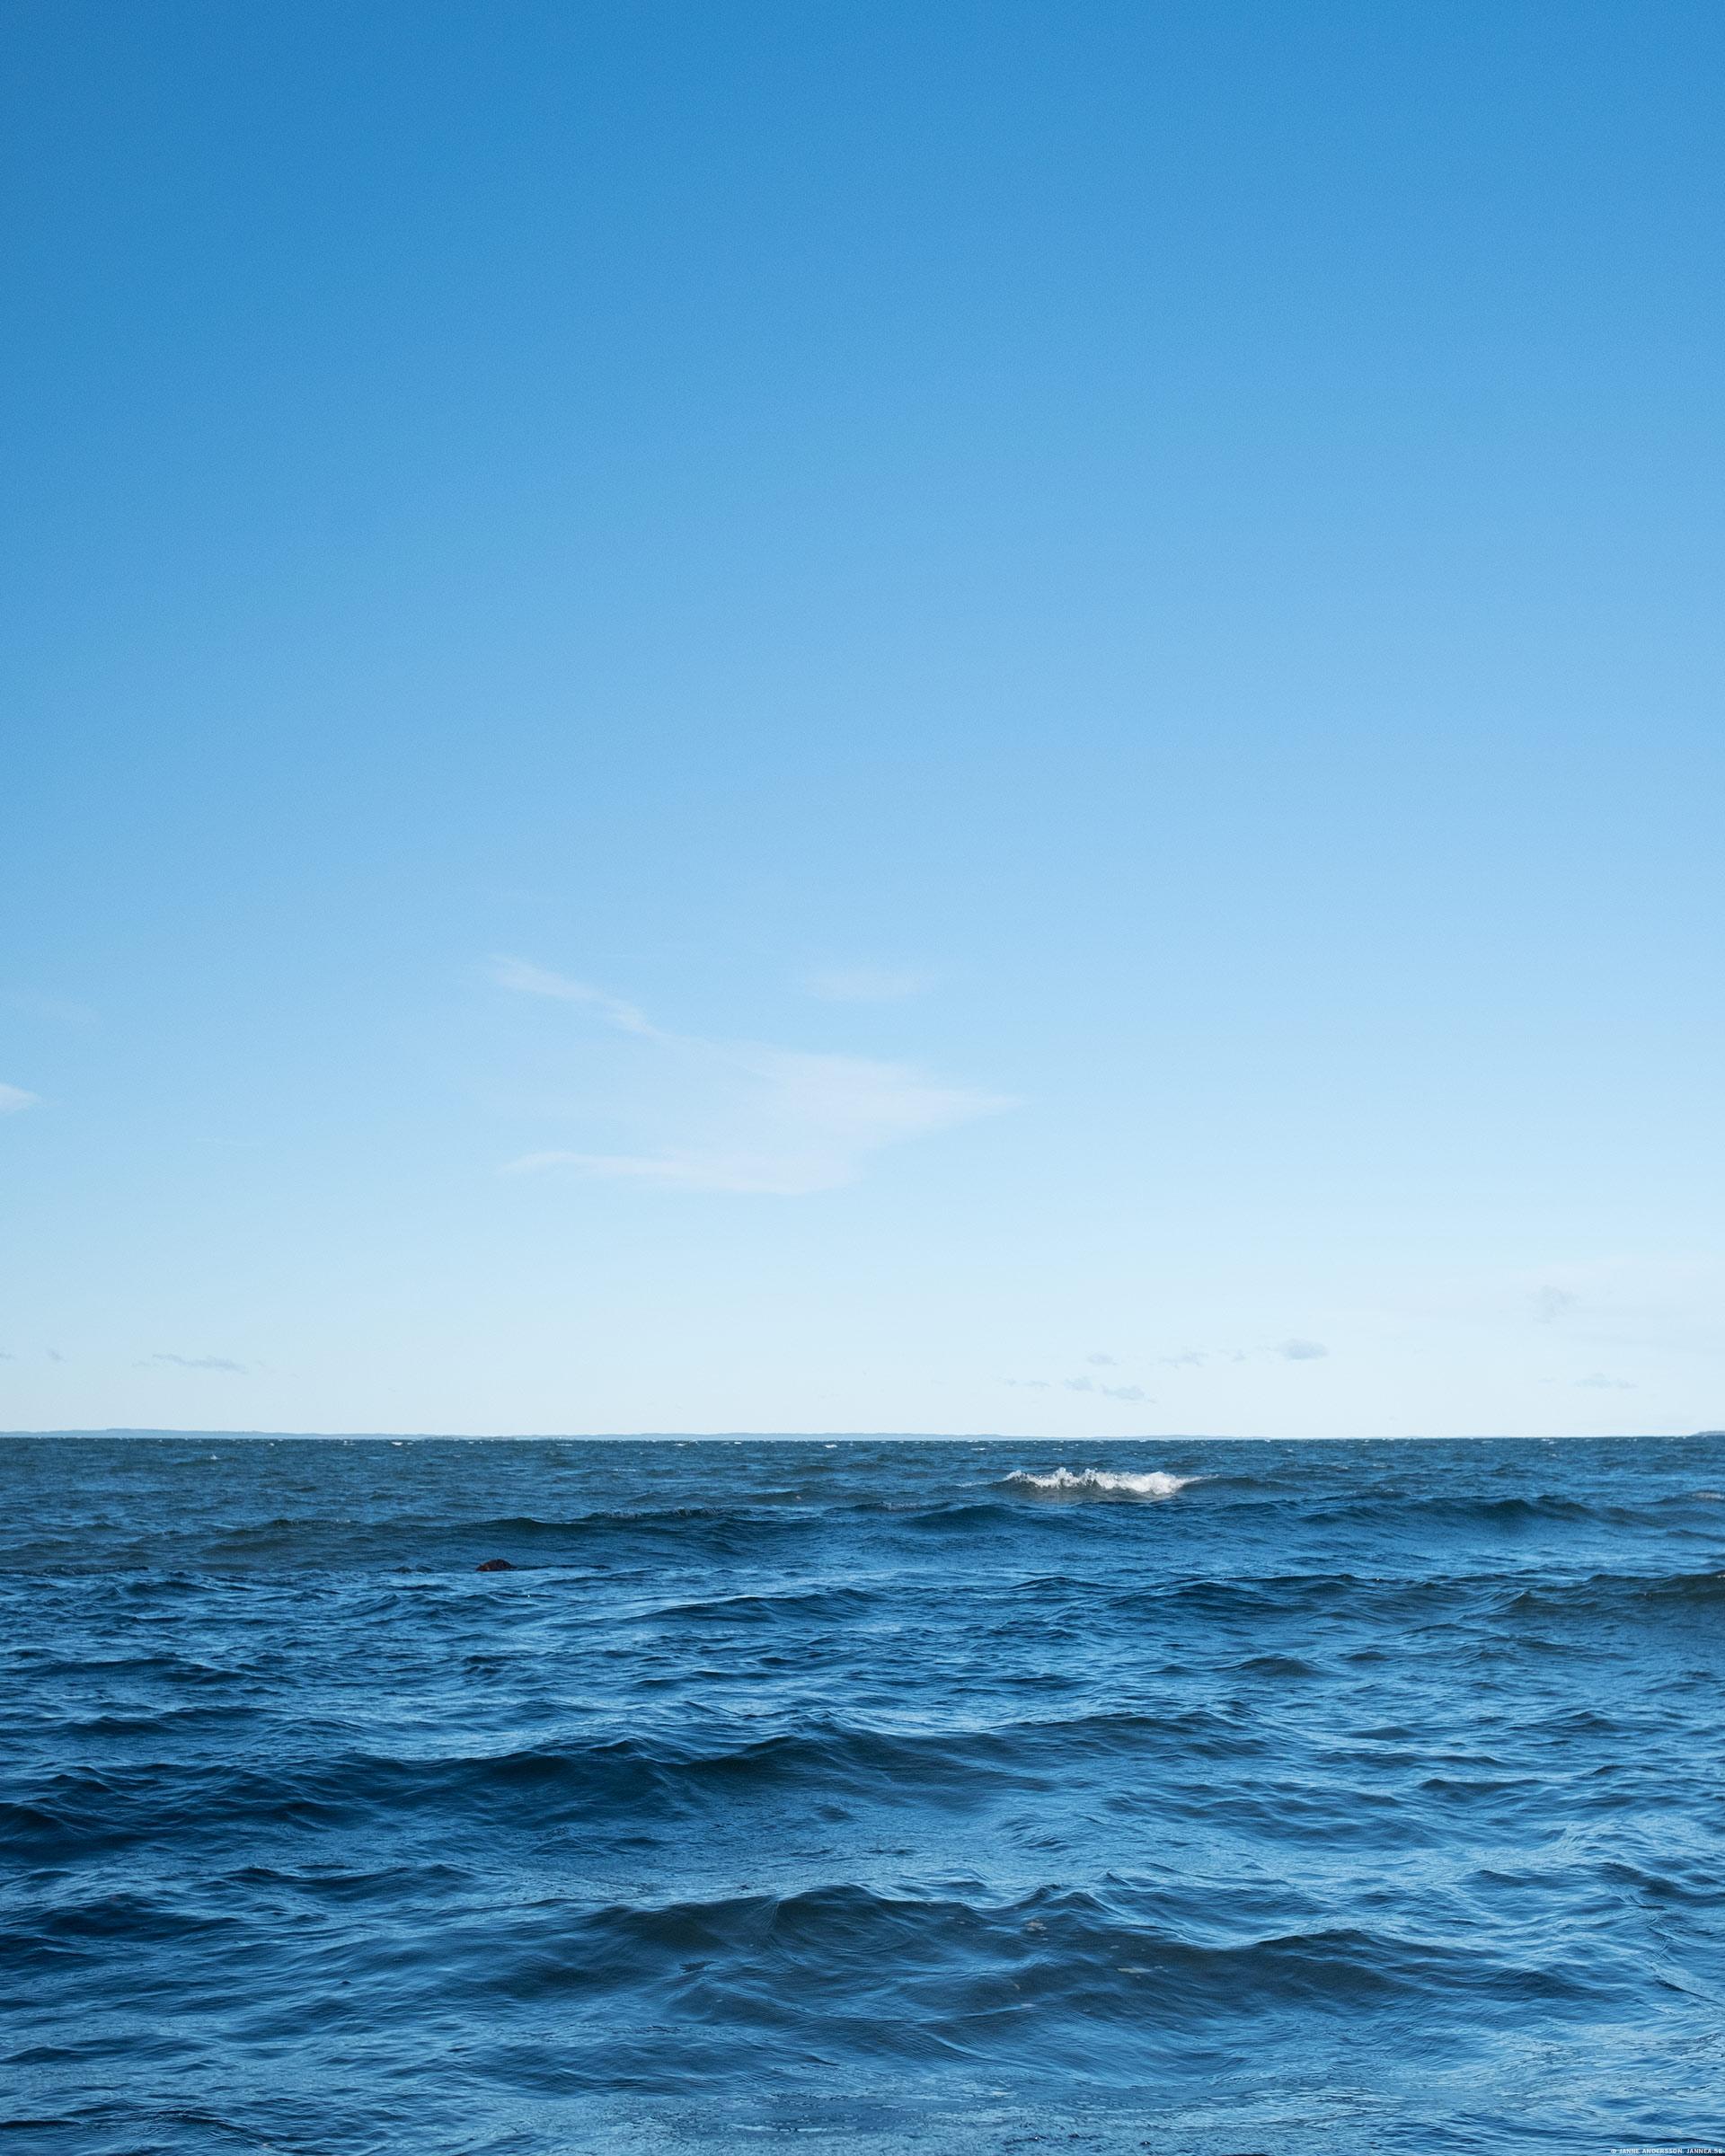 En blåsig sjö och blå himmel ©Janne A